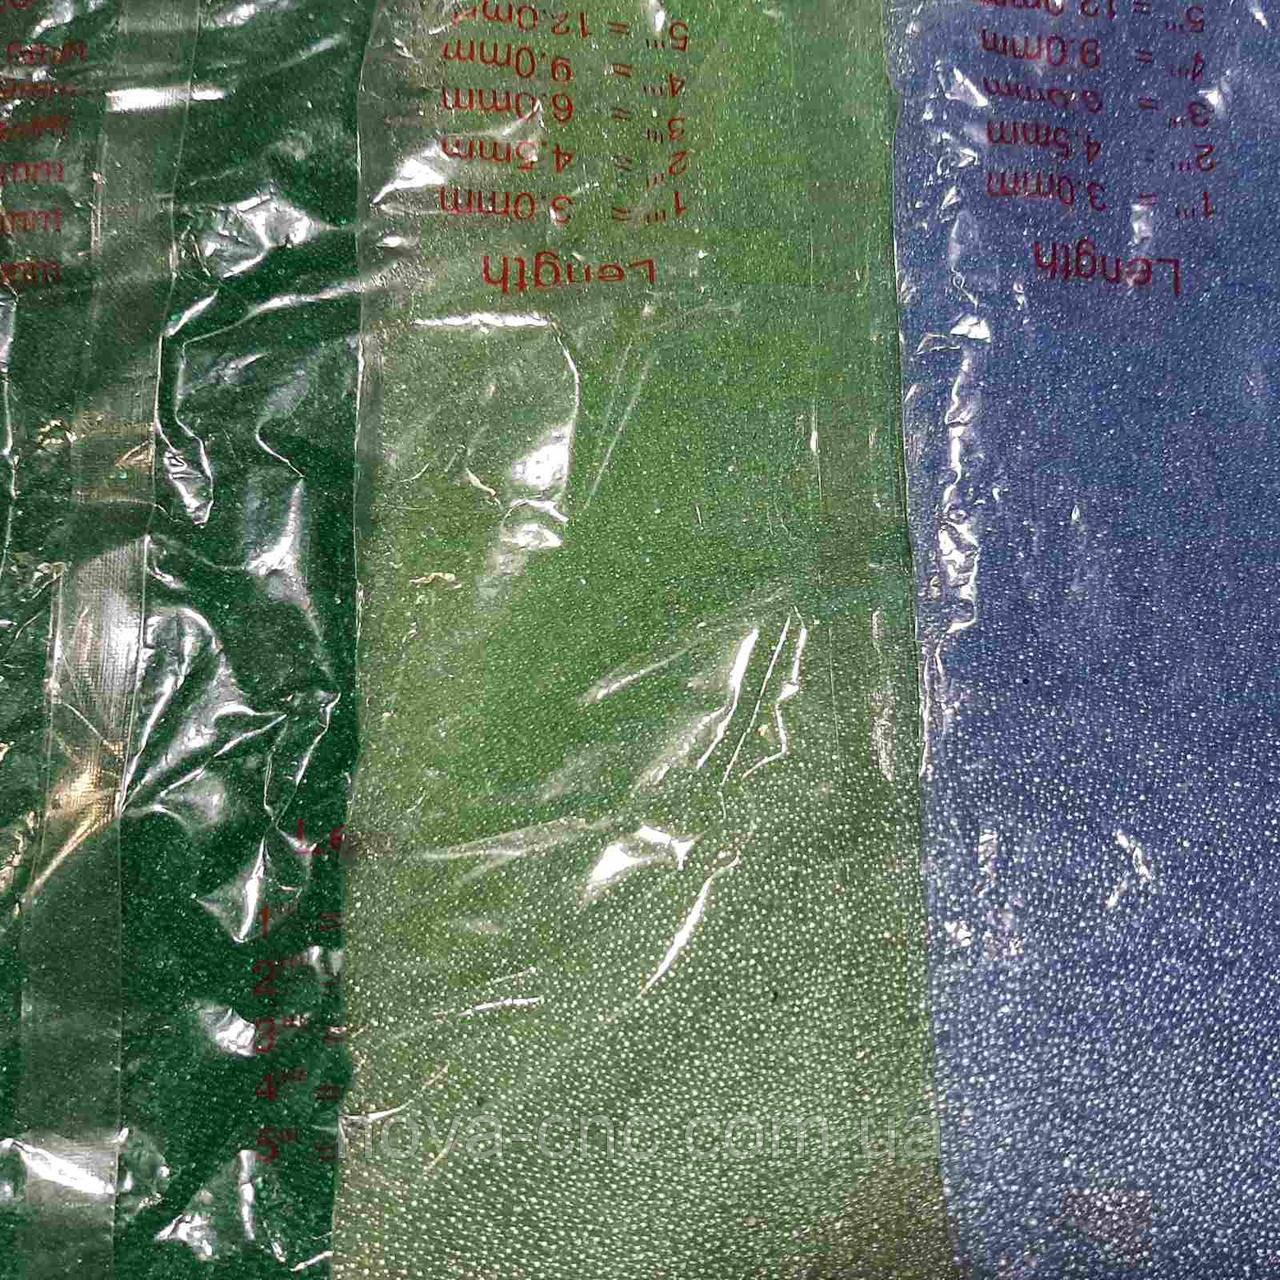 Бульонка прозрачная, присыпка, микробисер - зеленый, салатовый, голубой 400 грамм